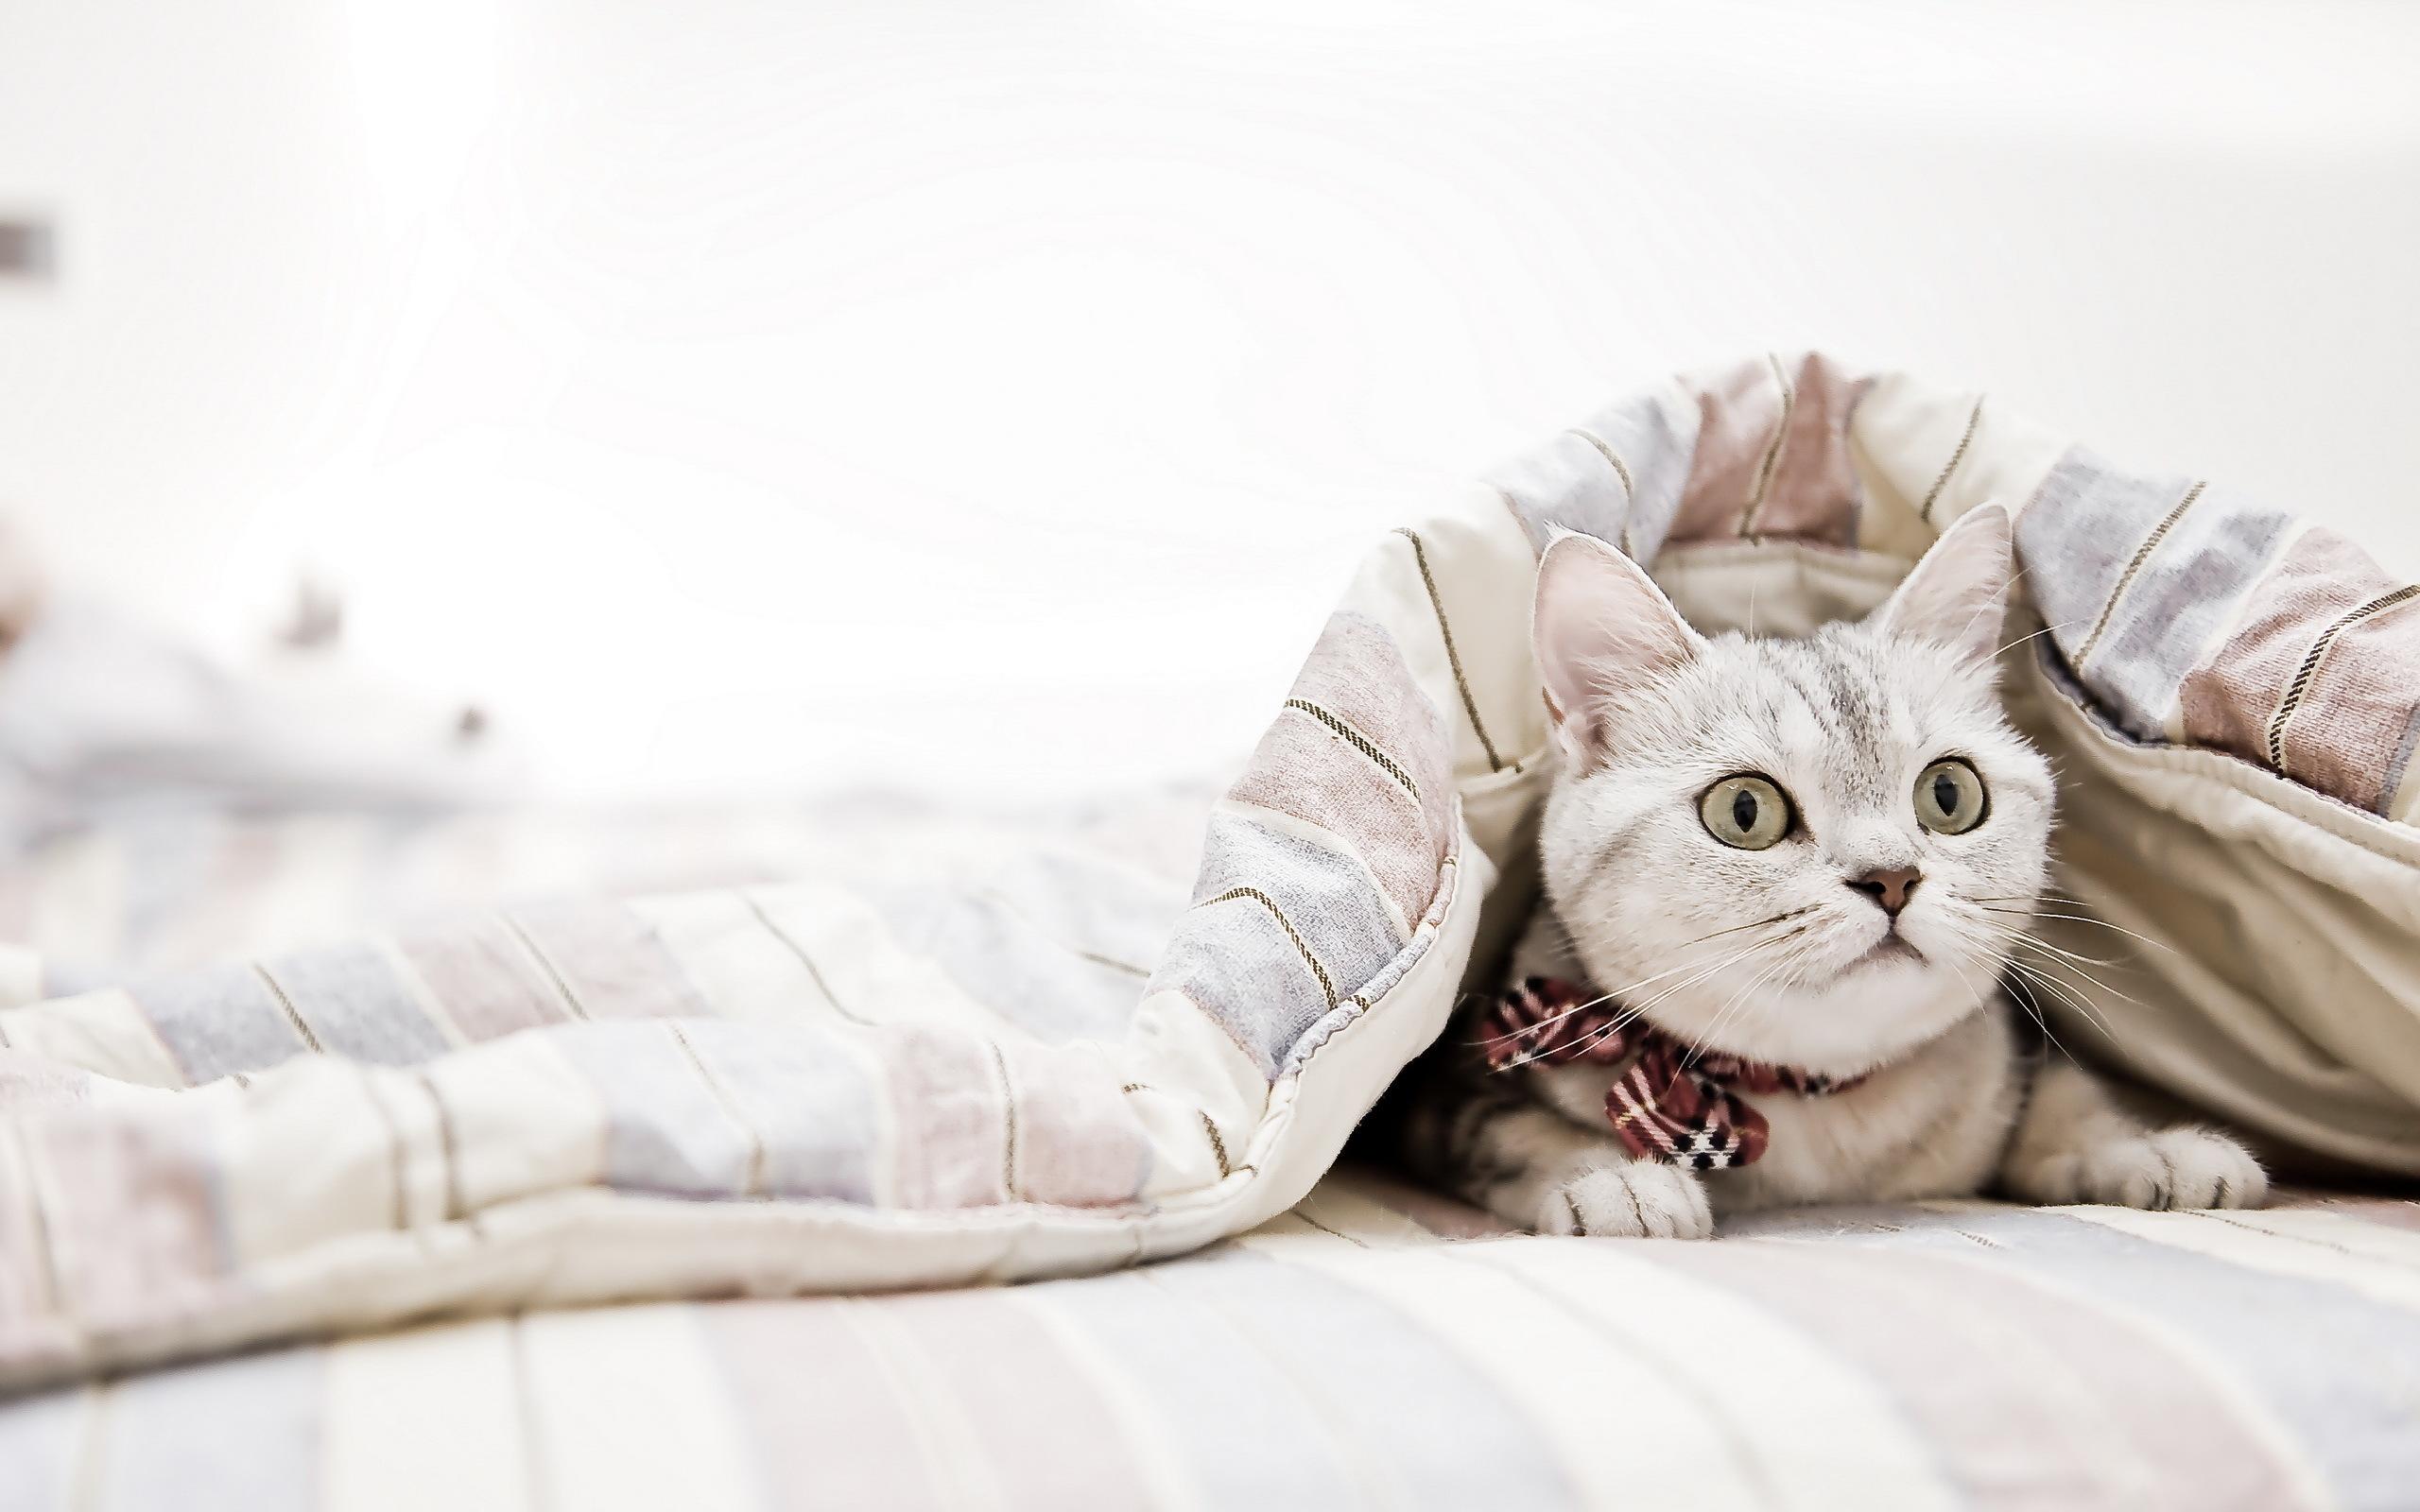 котенок под кроватью скачать